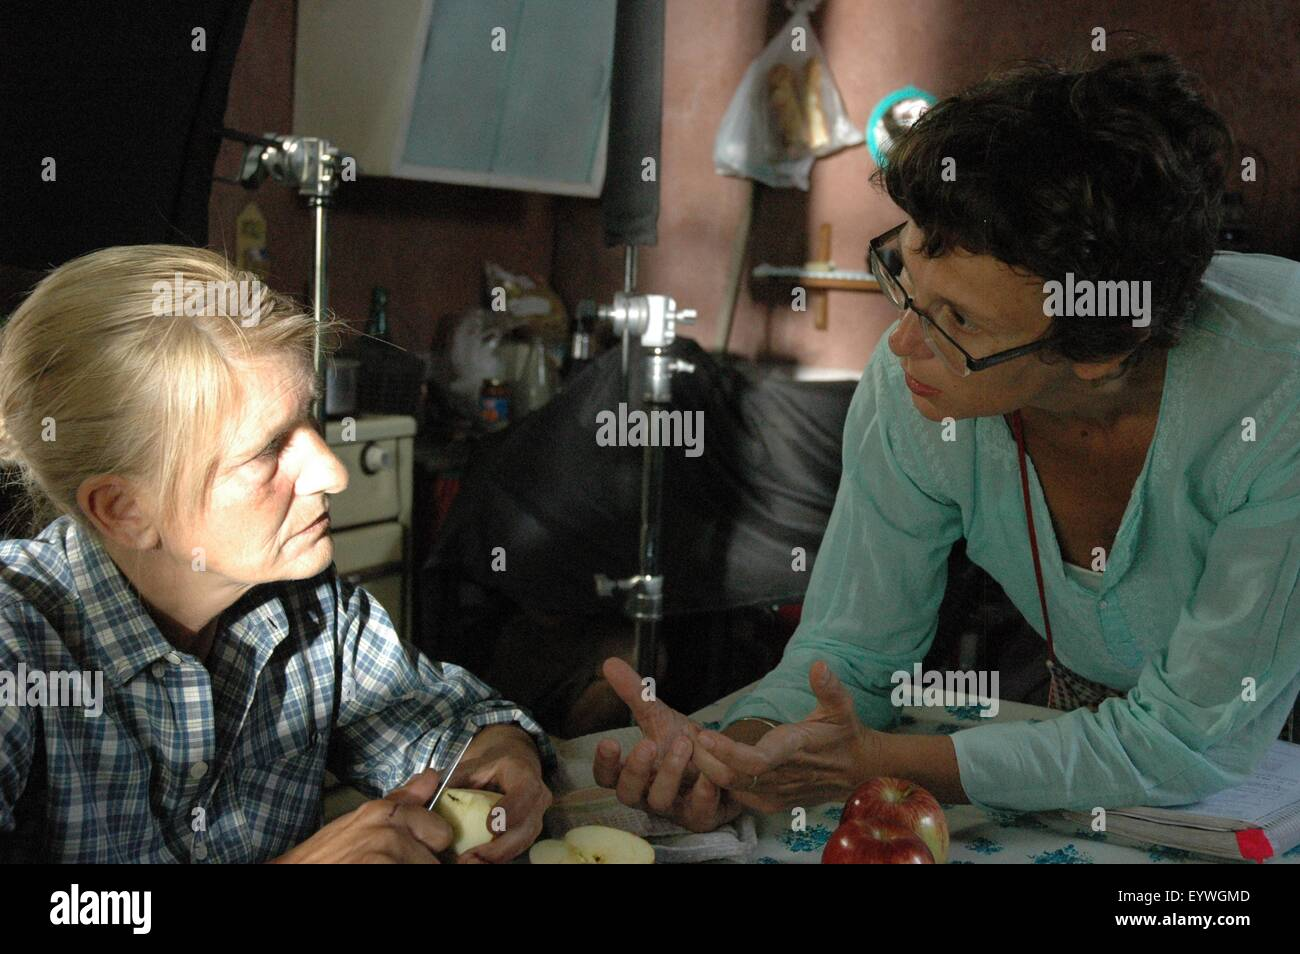 155ef8a0c4 El ultimo verano de la Boyita   The Last Summer of La Boyita   Year   2009  Argentina   Spain   Director   Julia Solomonoff   Mirella Pascual